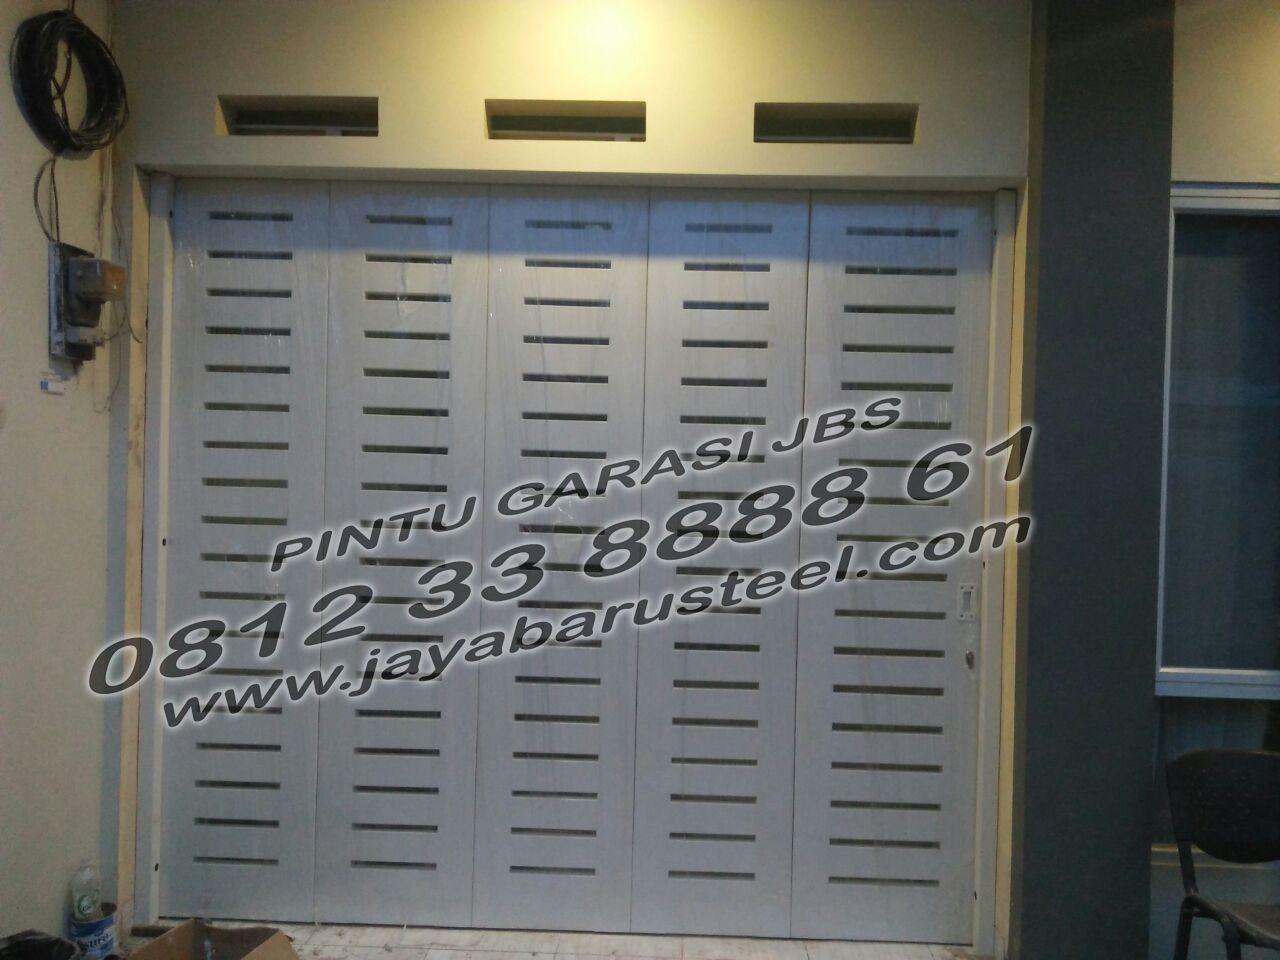 Pintu Garasi Minimalis Terbaru, Pintu Geser Besi, Pintu Sliding Besi, Pintu Henderson, Pintu Henderson Lipat, PINTU GARASI JA… | Pintu Garasi, Garasi, Pintu Geser